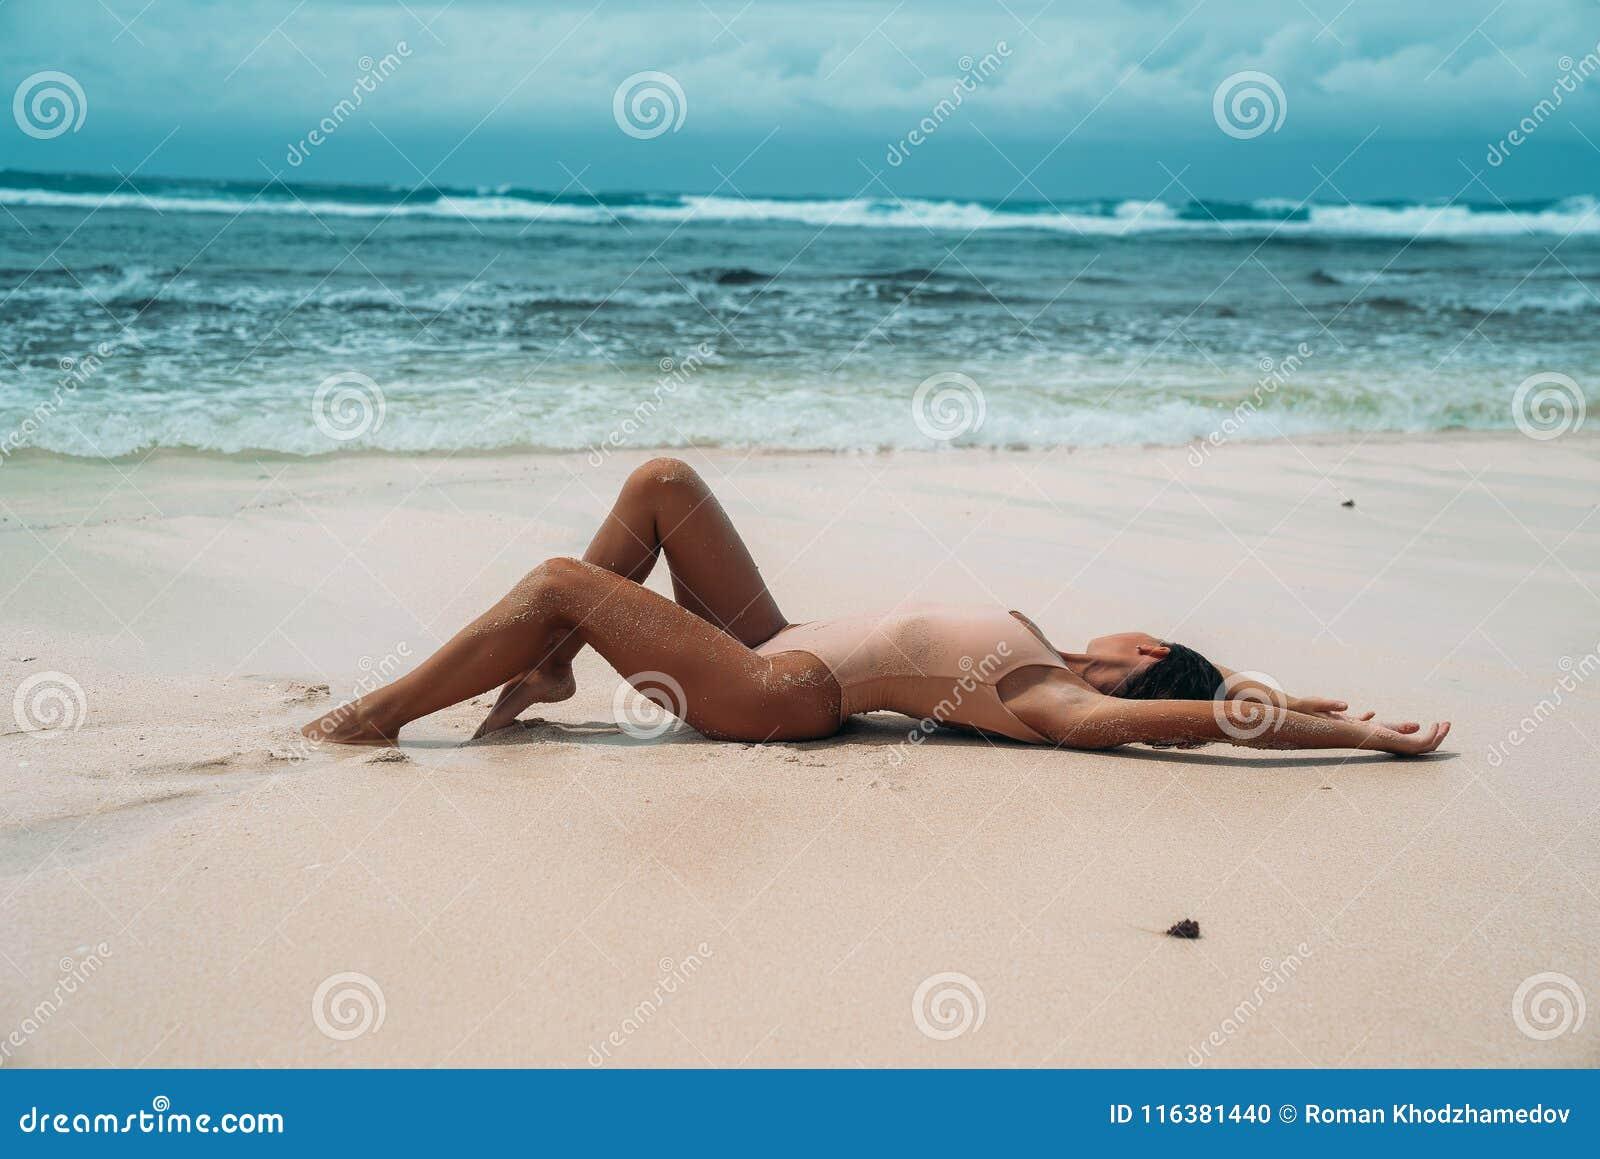 La muchacha atractiva con los deportes figura mentiras en la arena blanca cerca del océano Una mujer joven goza el relajarse en l